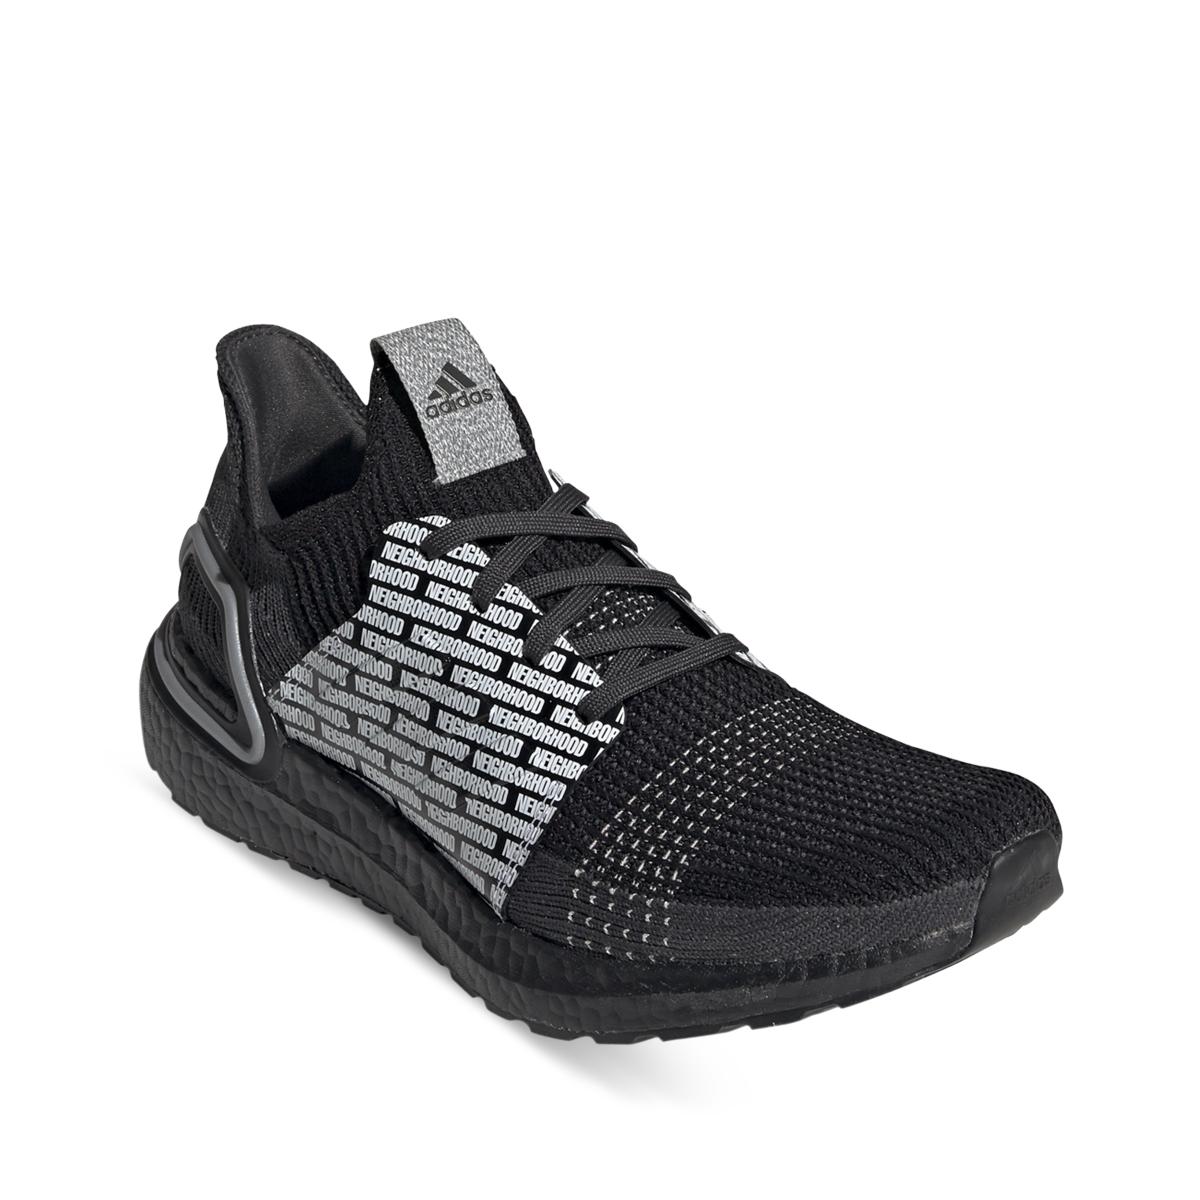 adidas X Neigborhood UltraBOOST 19